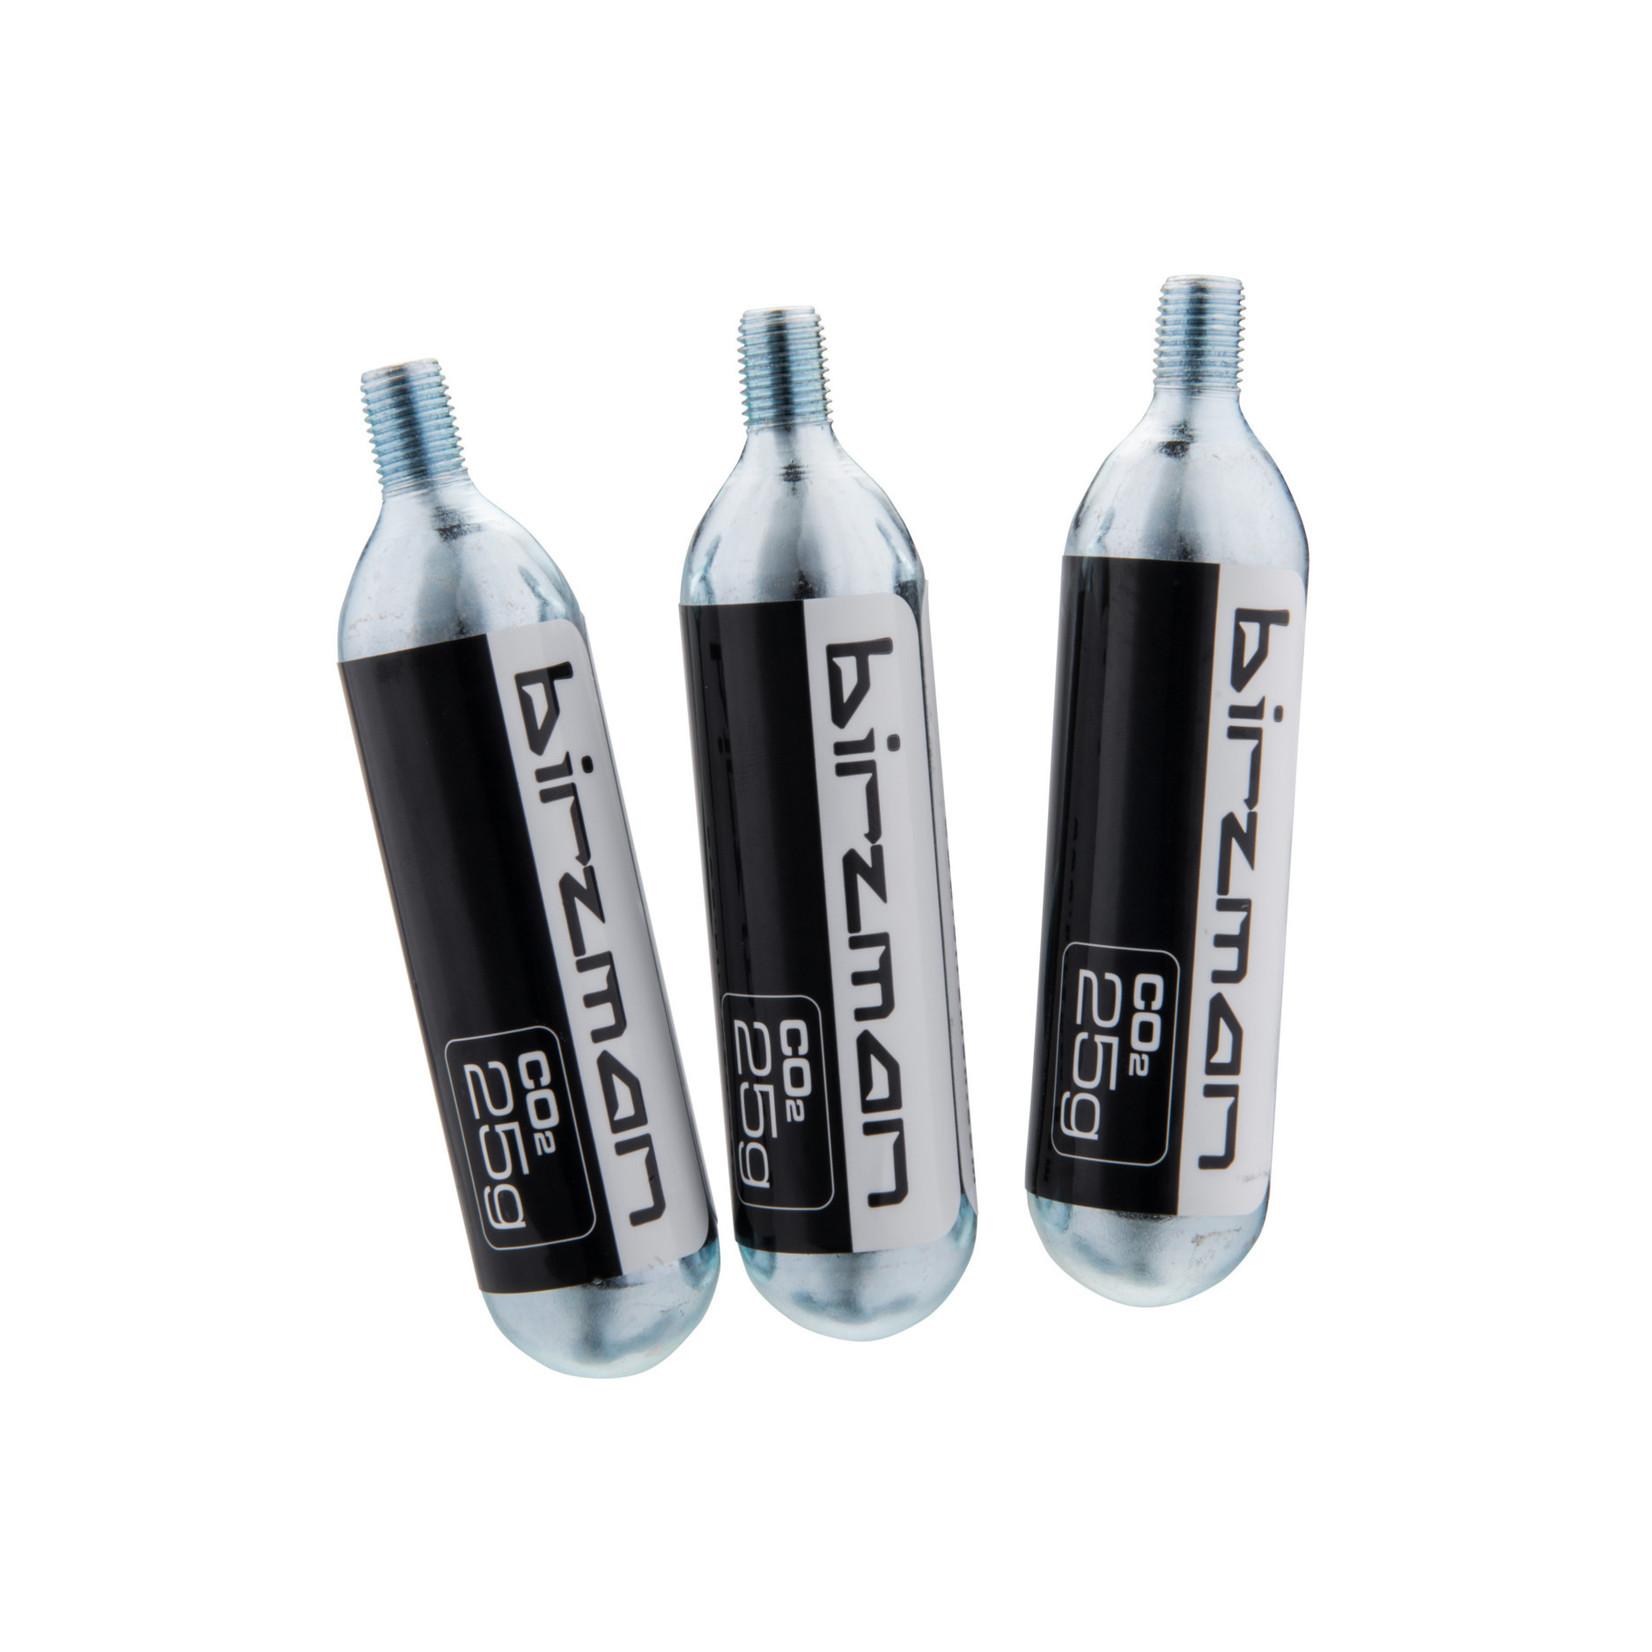 Birzman Birzman CO2 Bottle 25g